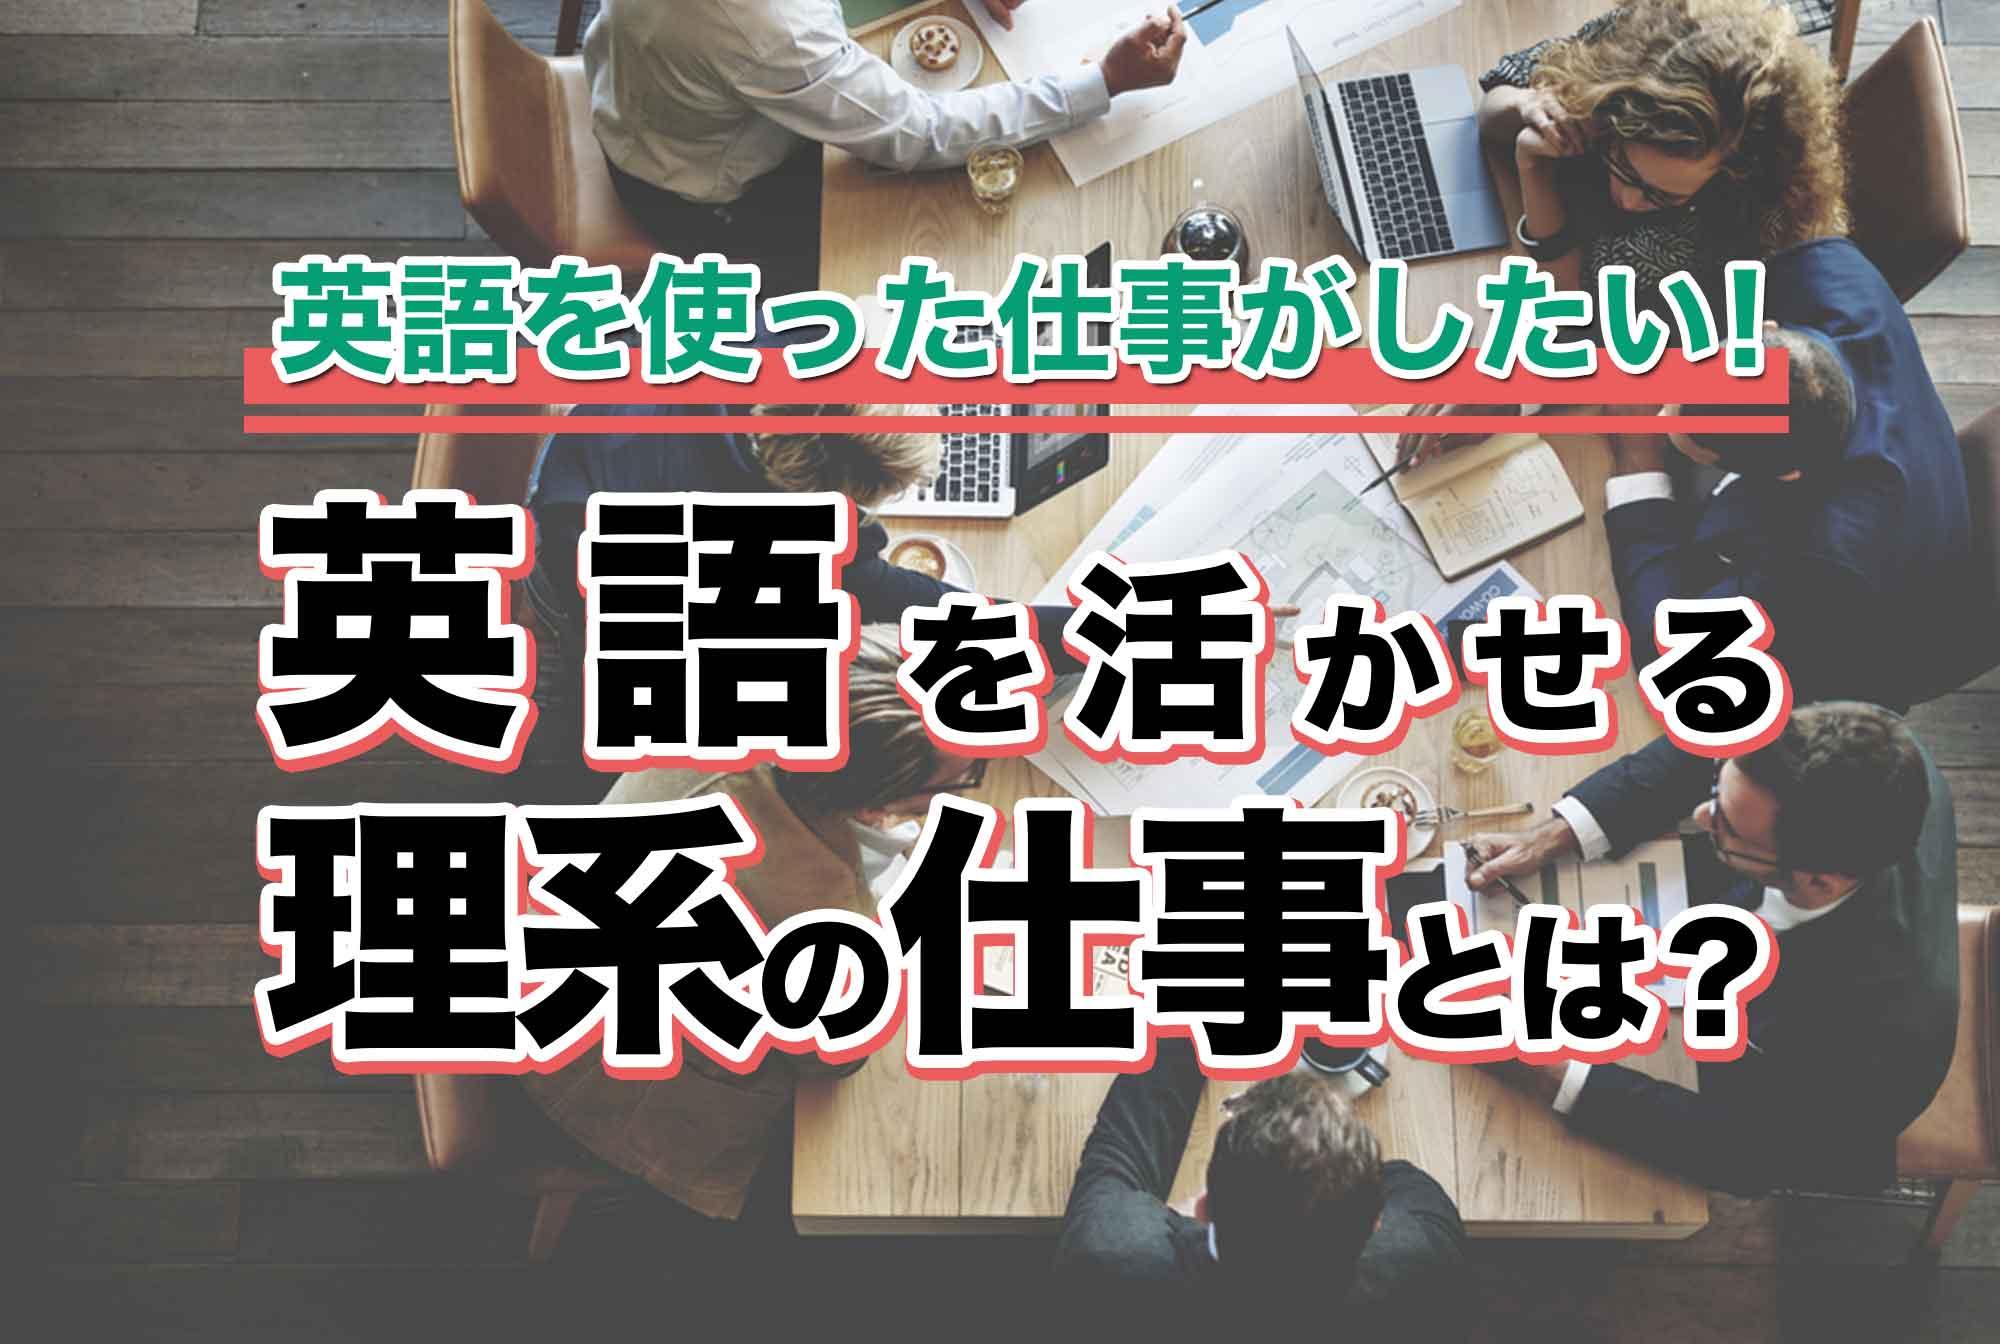 英語を使った仕事がしたい!英語を活かせる理系の仕事とは?